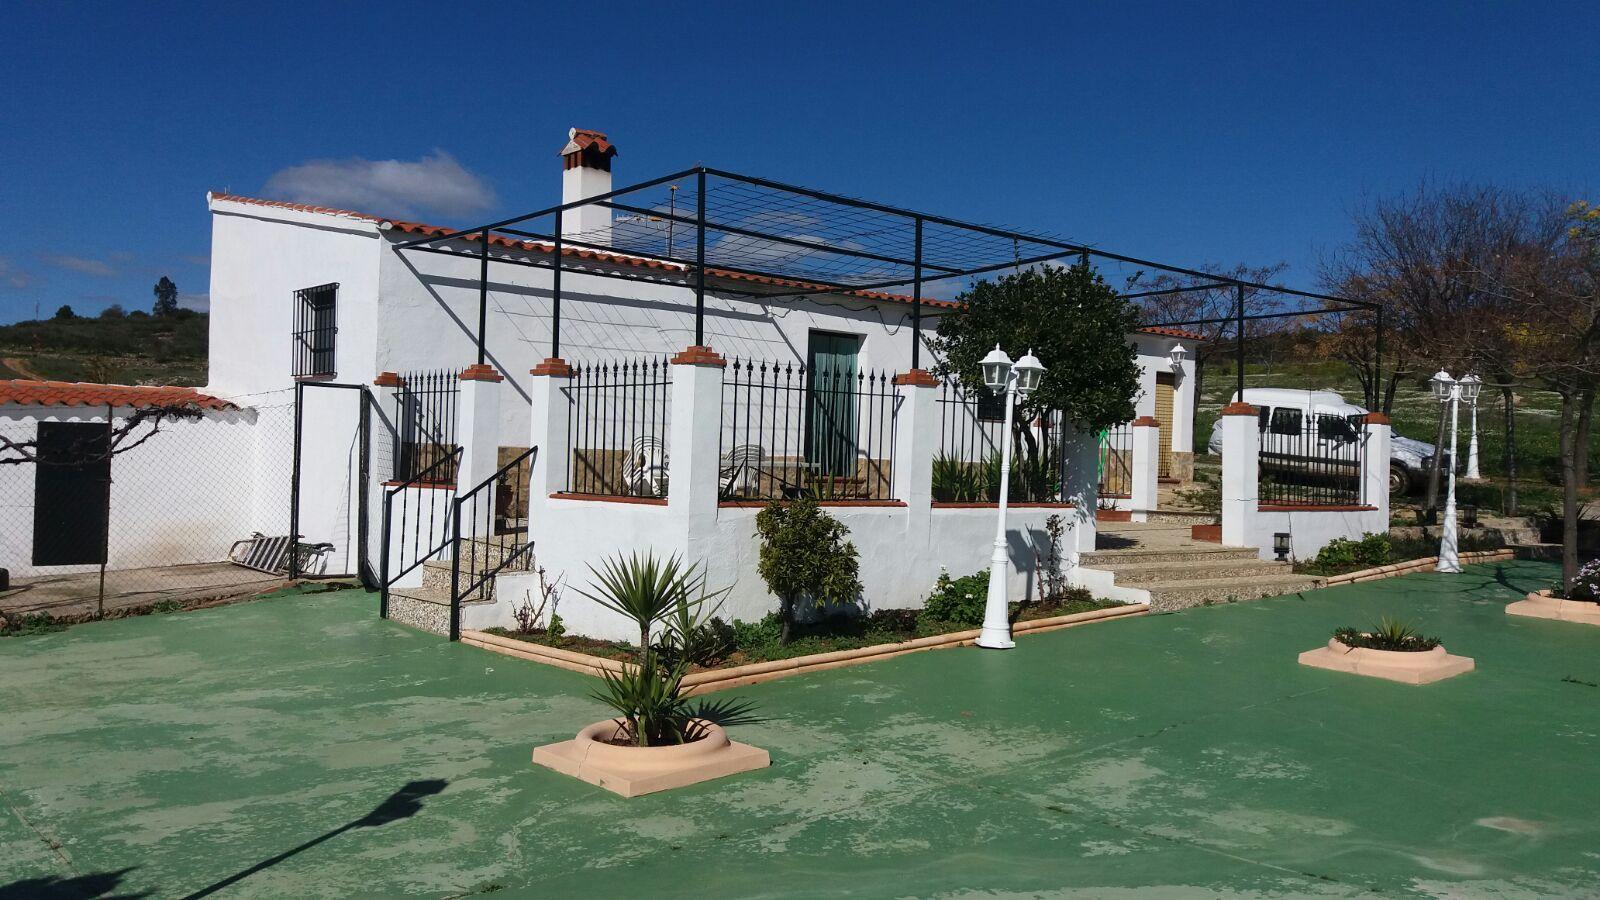 Alquiler de casa rural guadalcanal sierra norte de for Alquiler de casas en bellavista sevilla